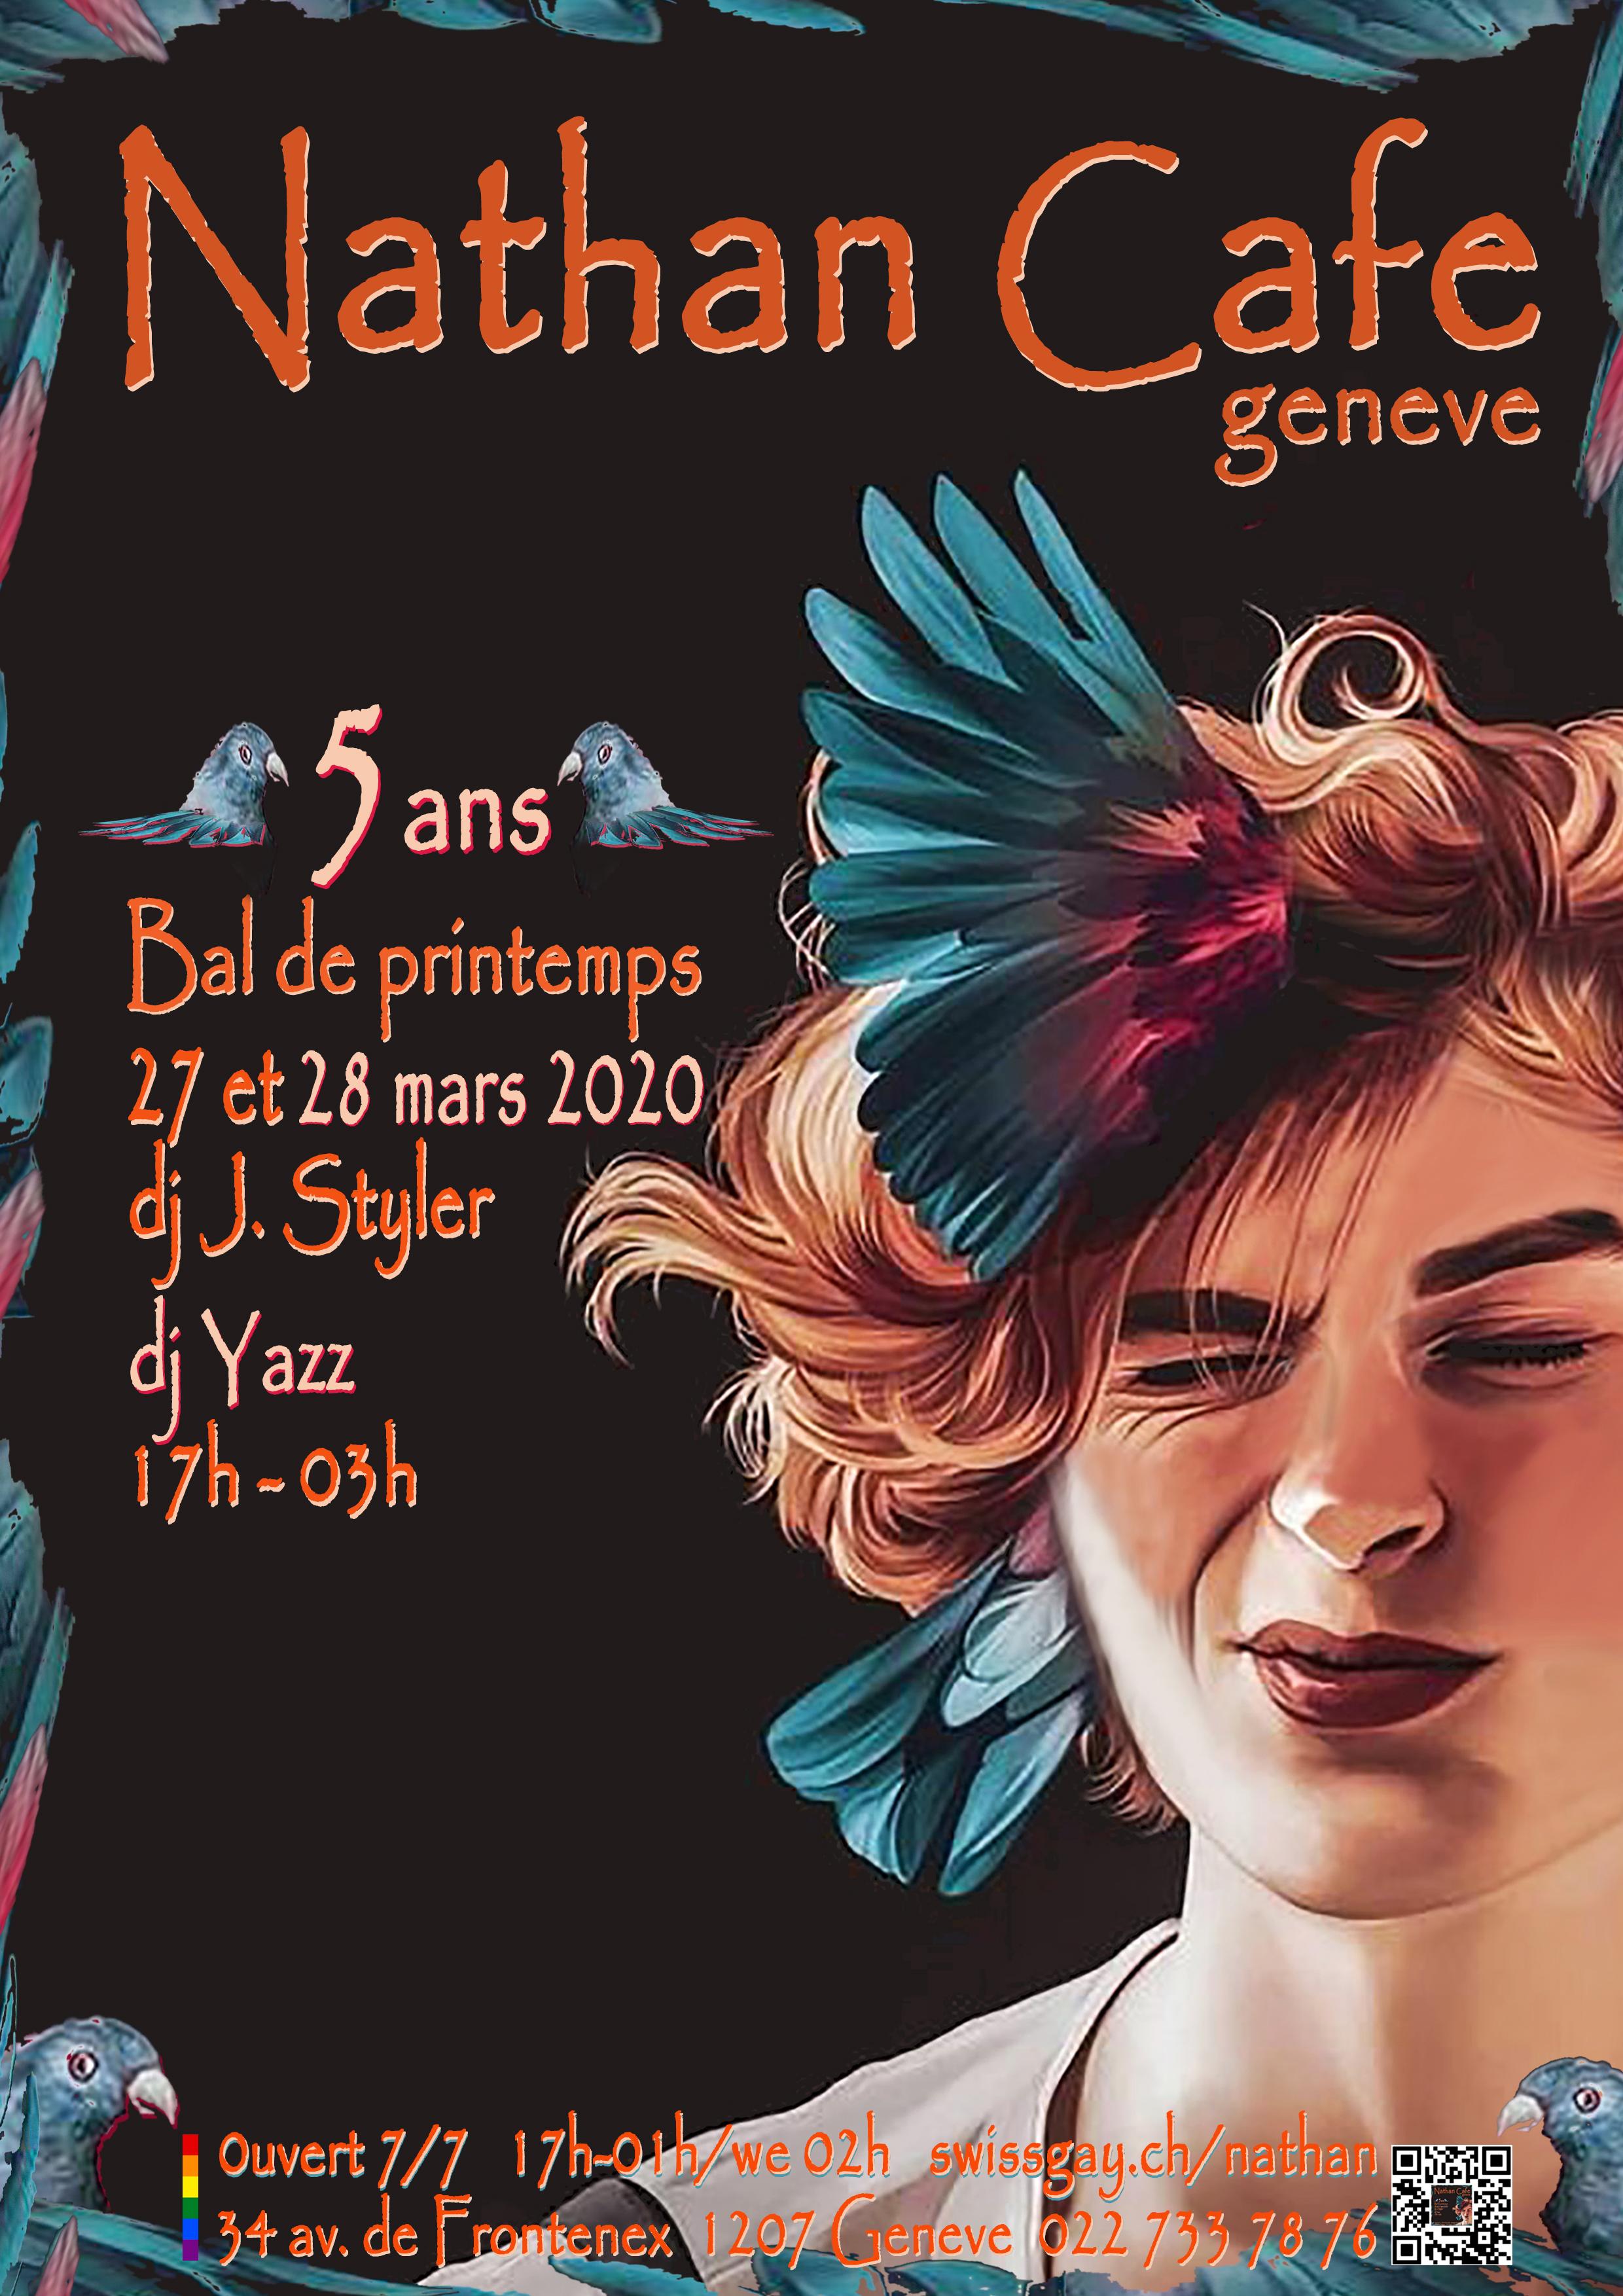 """Nathan Café Genève - """"Bal de printemps - 5 ans"""" - 20 et 21 mars 2020"""